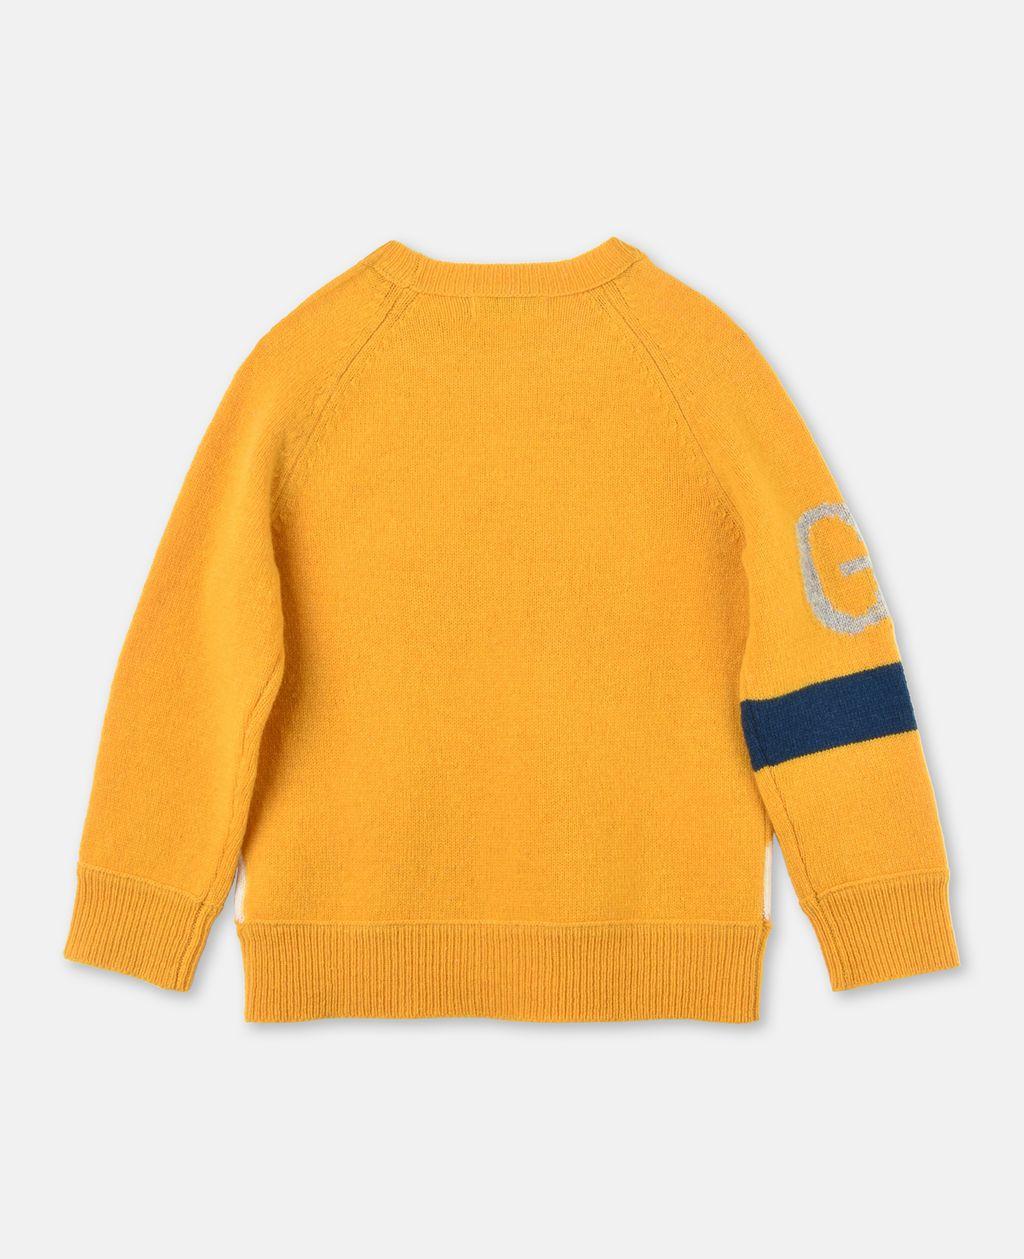 GOGO Yellow Knit Sweater - Stella Mccartney Kids